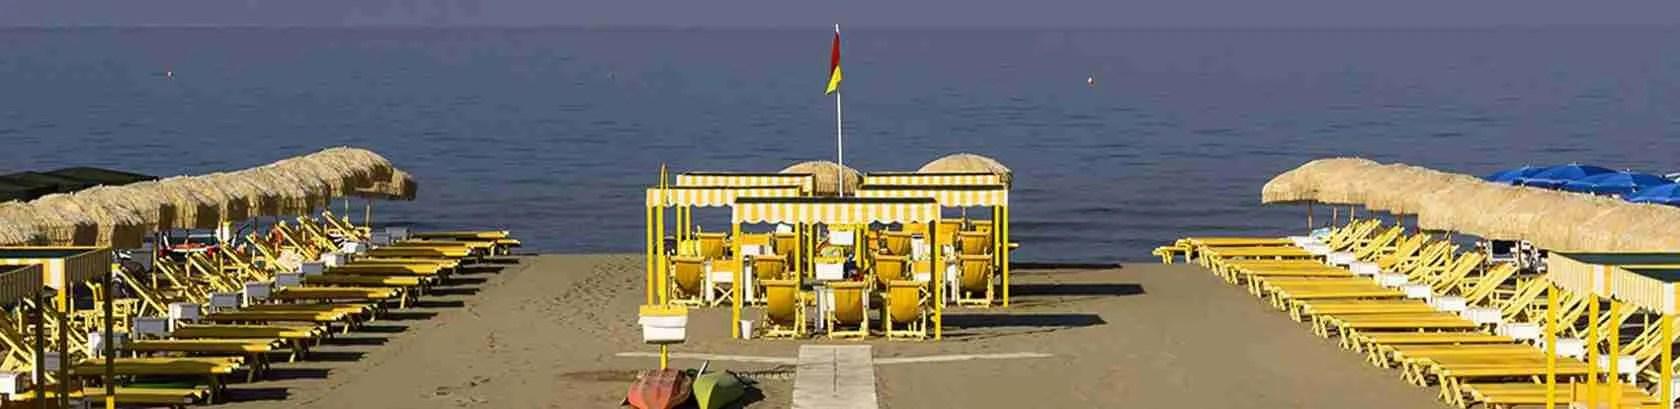 Le escort Pisa adorano raggiungere, nel periodo estivo, le spiagge della Versilia per trascorrere una giornata al mare.